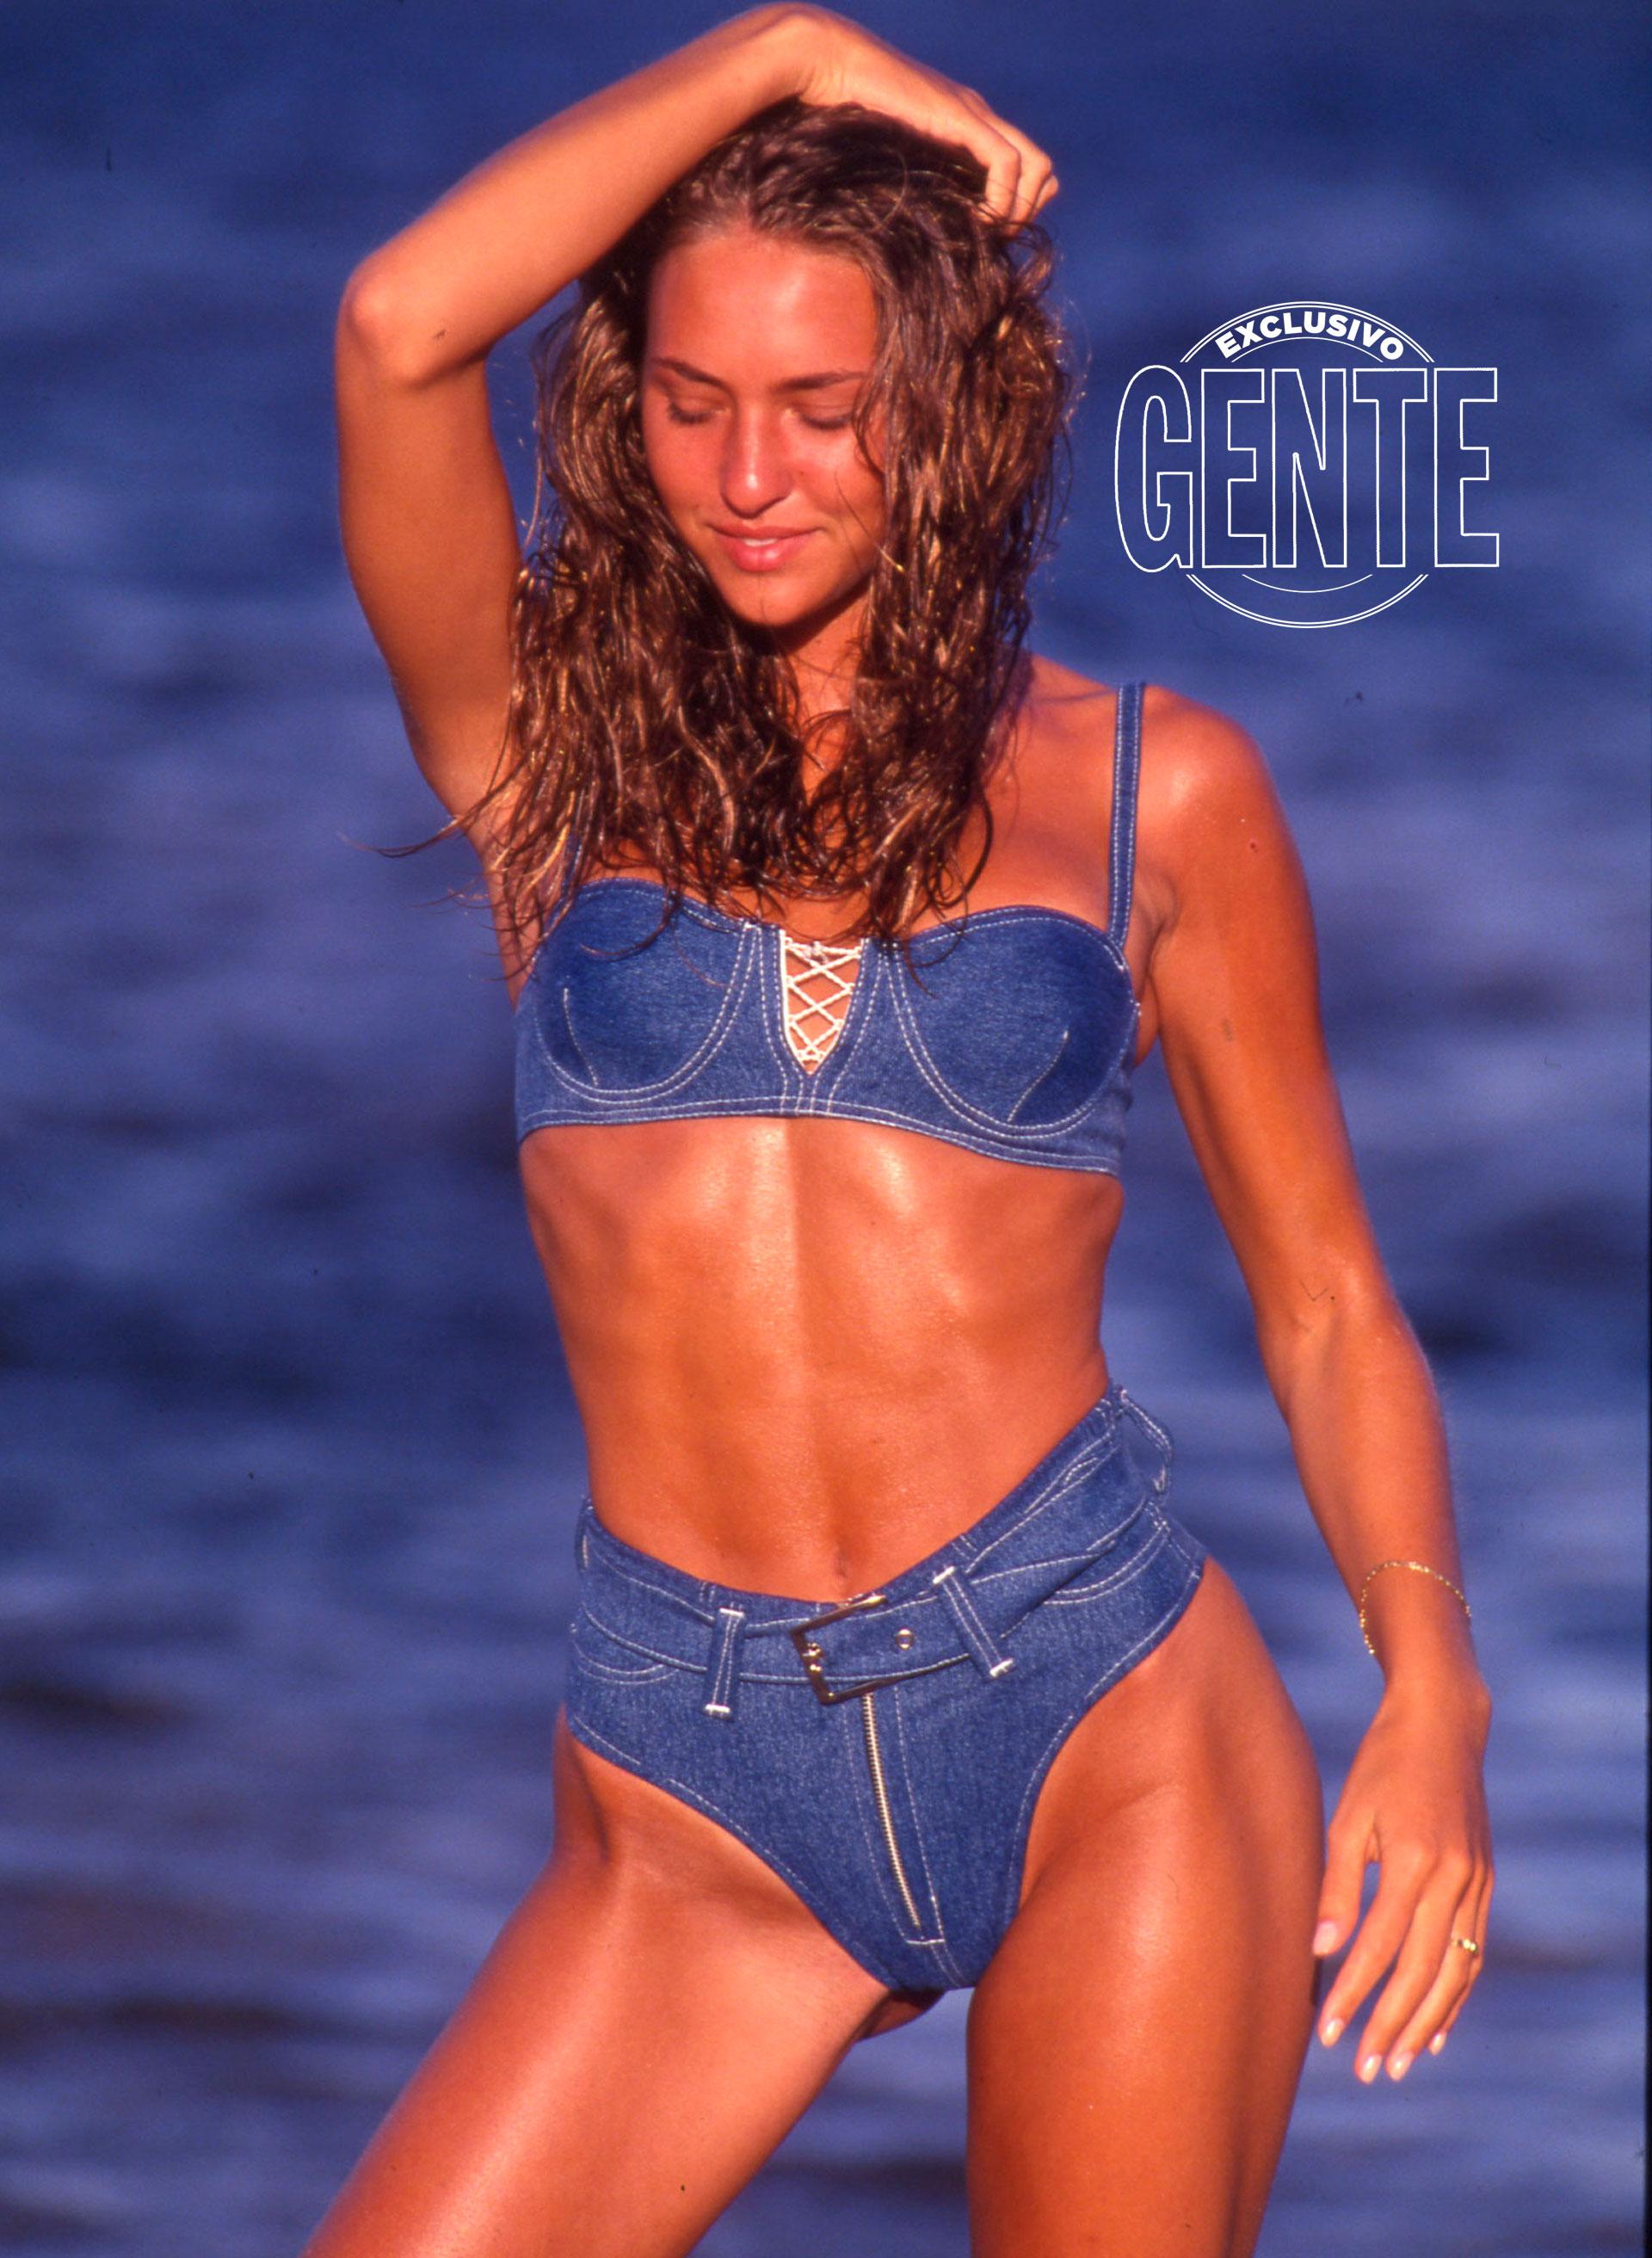 Traje de baño de jean con tiro alto, el look retro de una de sus primeras fotos en GENTE. Año 1993. (Foto GENTE)